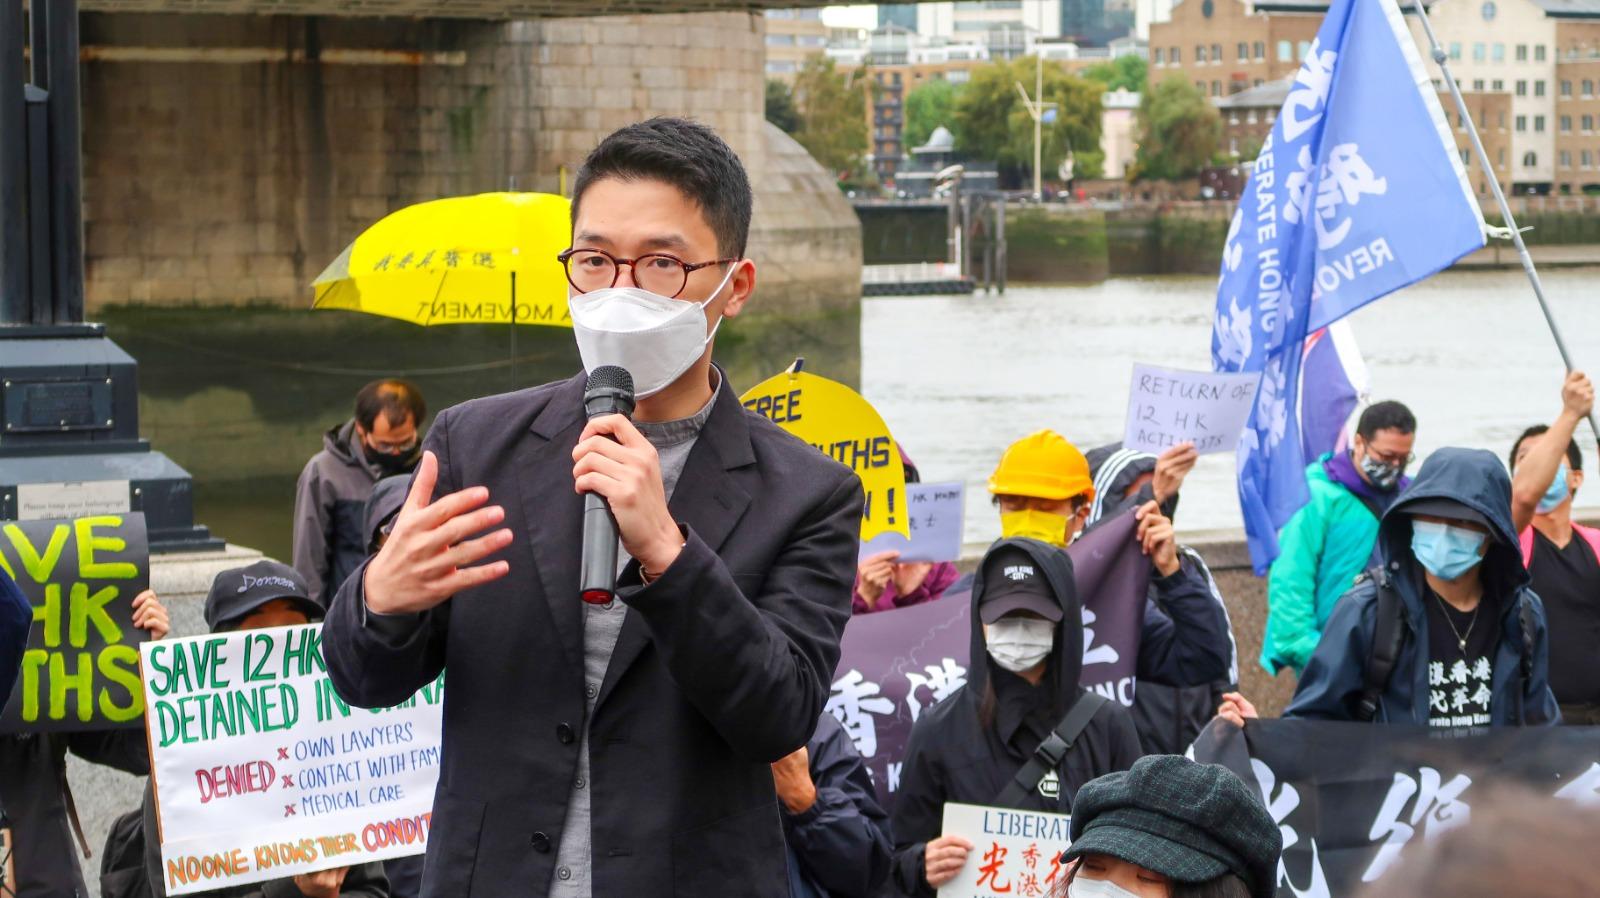 羅冠聰抵達倫敦後首次在公開活動現身並發言,表示大家「對香港的民主運動有一份責任,還有一份義務,因為我們是香港人。」(Belle Cheng攝/大紀元)